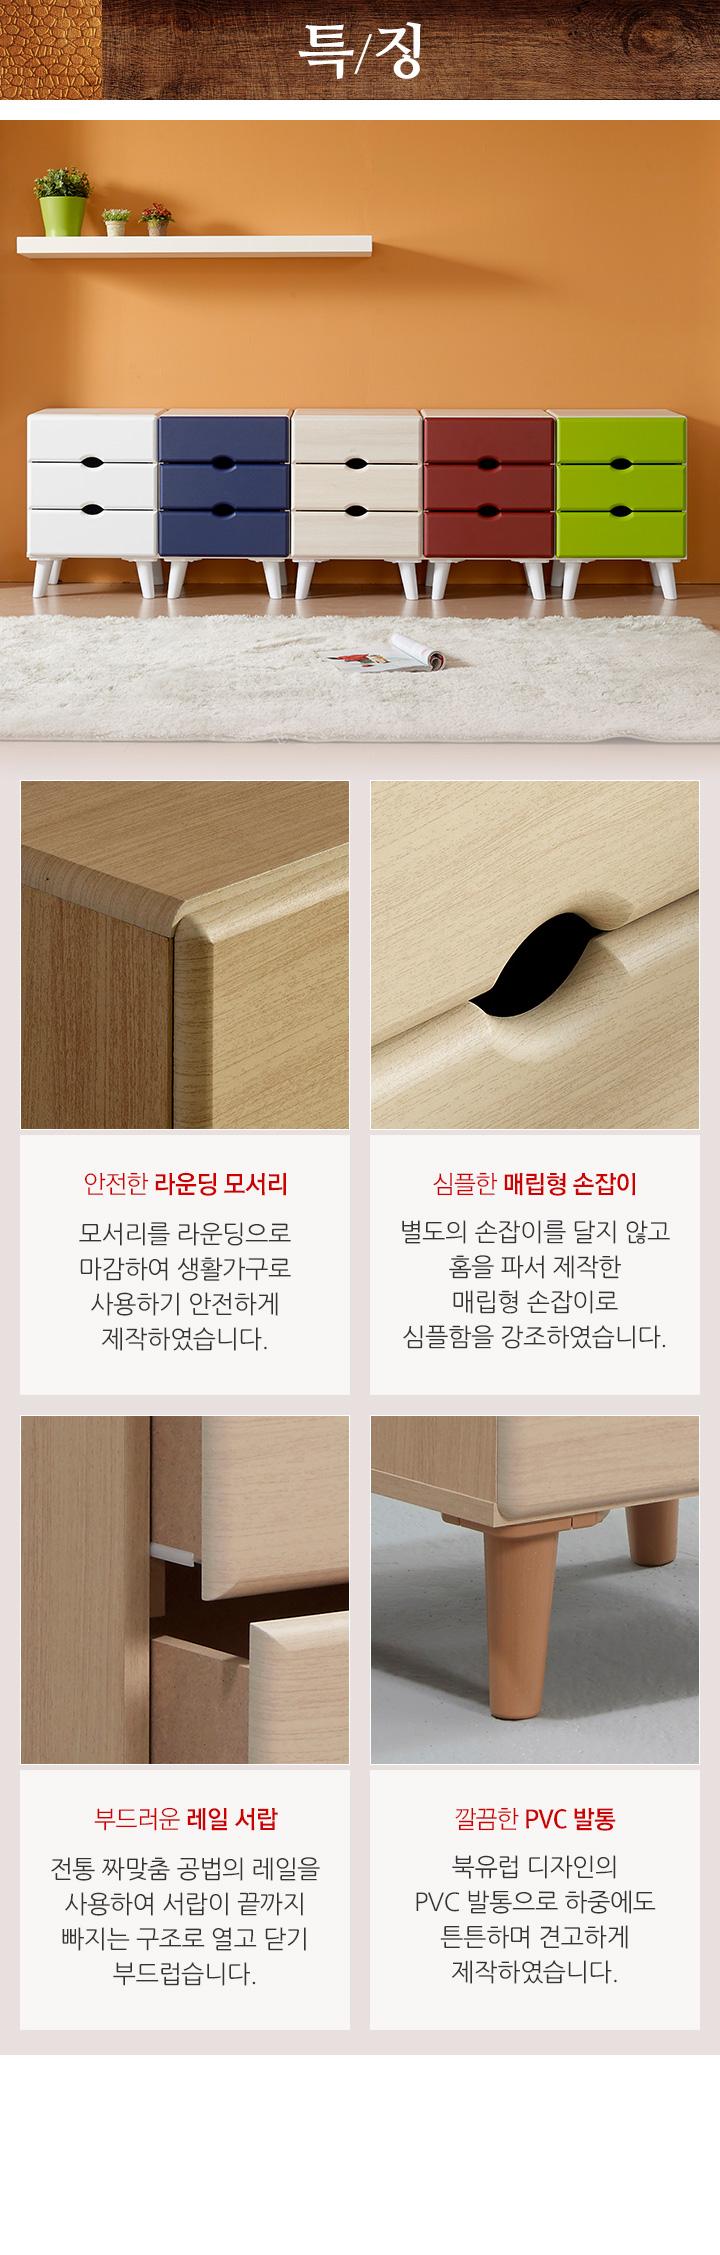 로쏘 미니서랍장 3단 고급형 - 로쏘, 55,820원, 서랍장, 다용도 서랍장